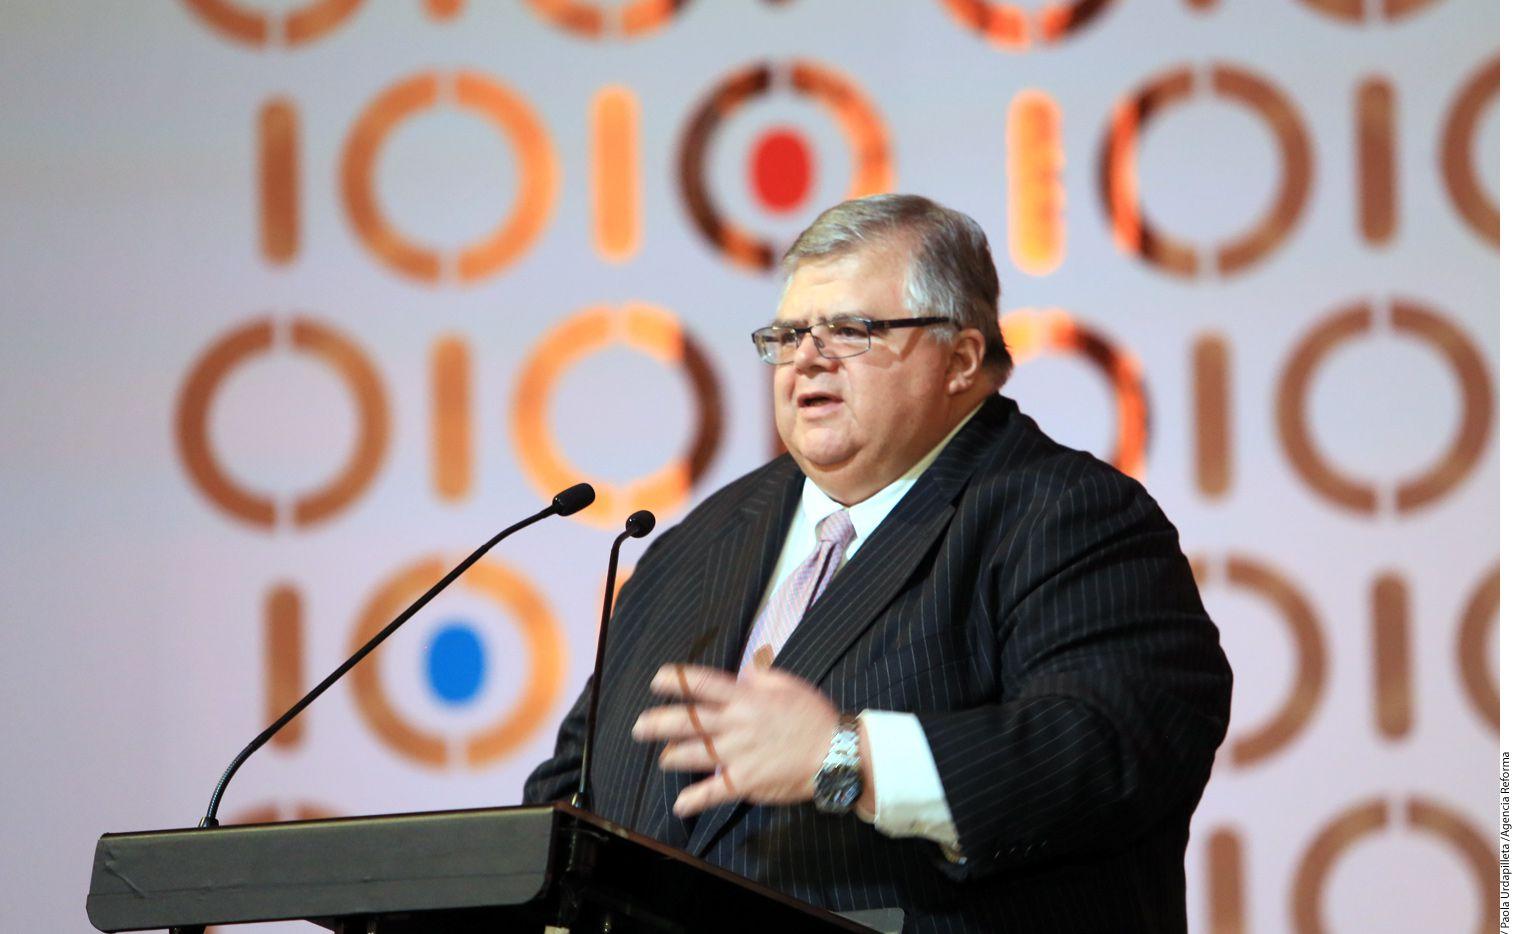 Agustín Carstens, gobernador del Banco de México, dejará su cargo en julio de 2017 para entrar a trabajar al Banco de Pagos Internacionales a partir de octubre del mismo año./ AP